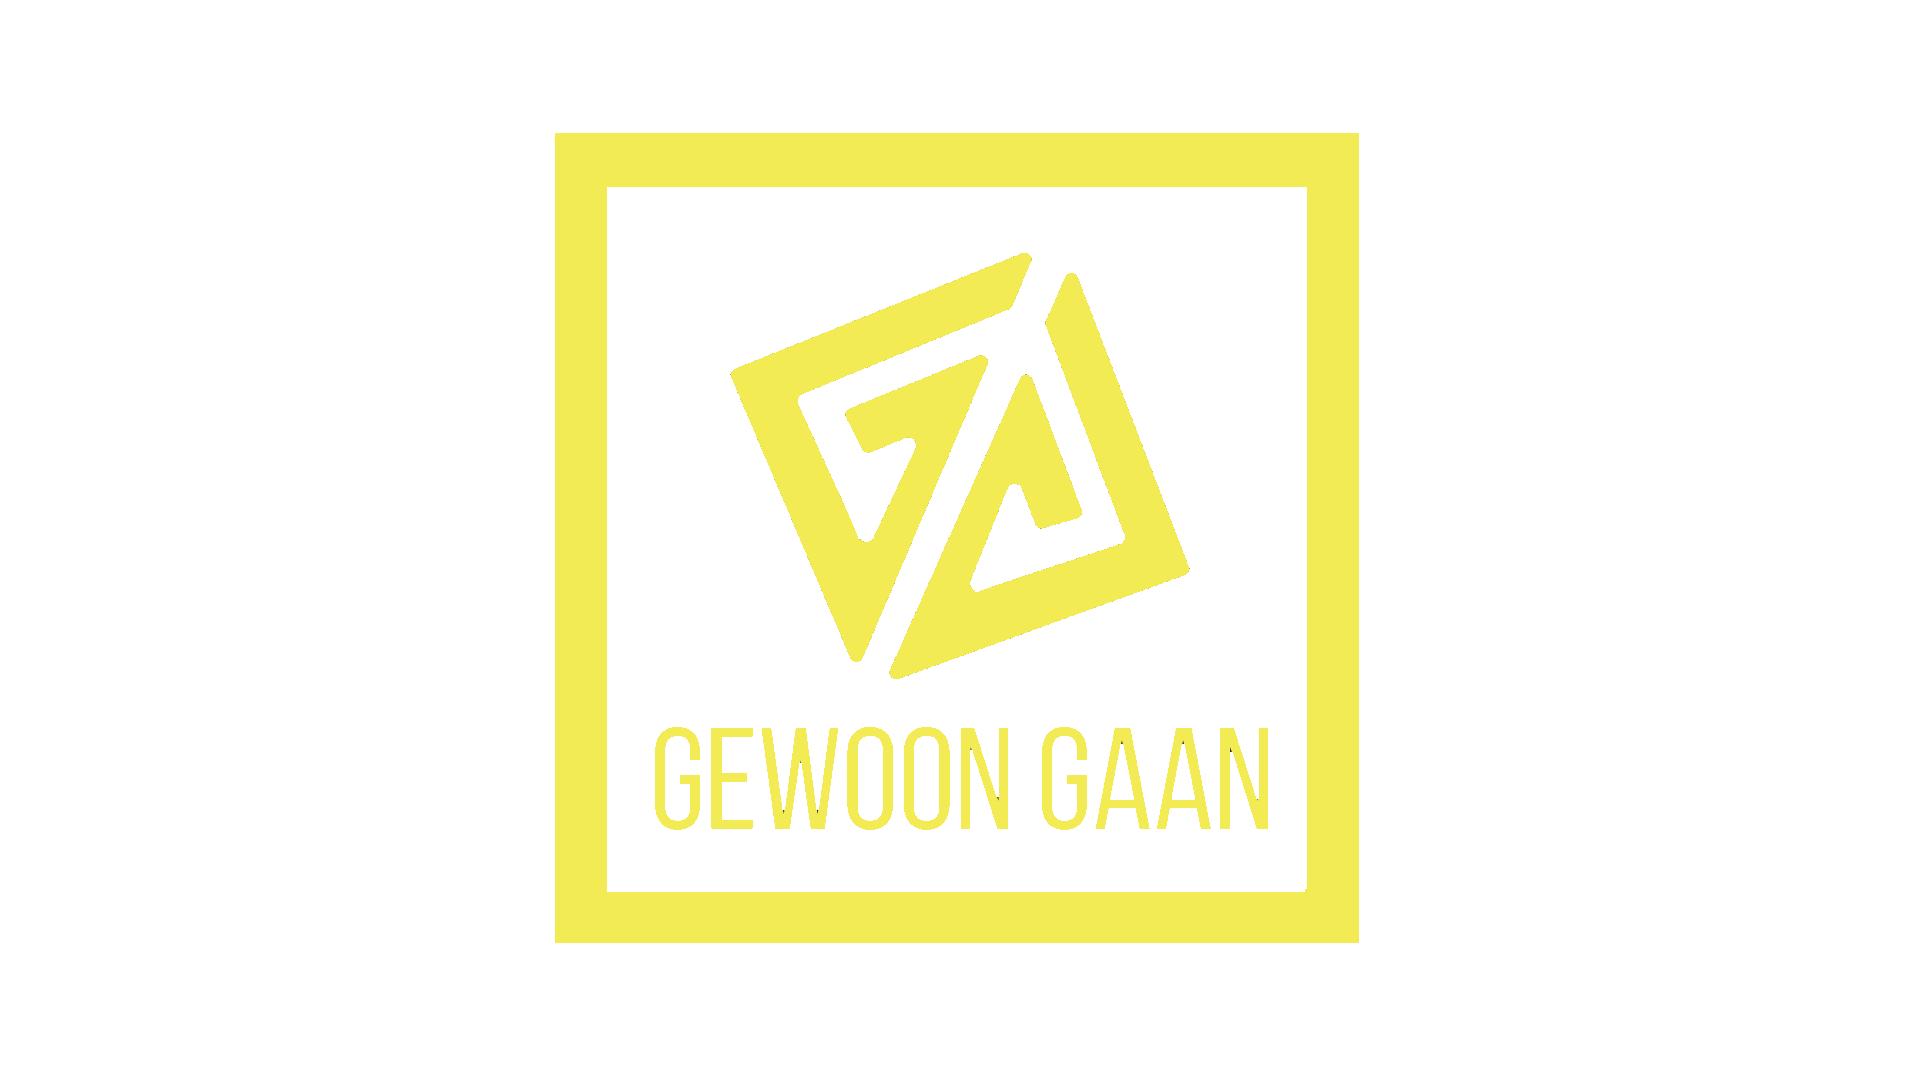 GEWOON GAAN